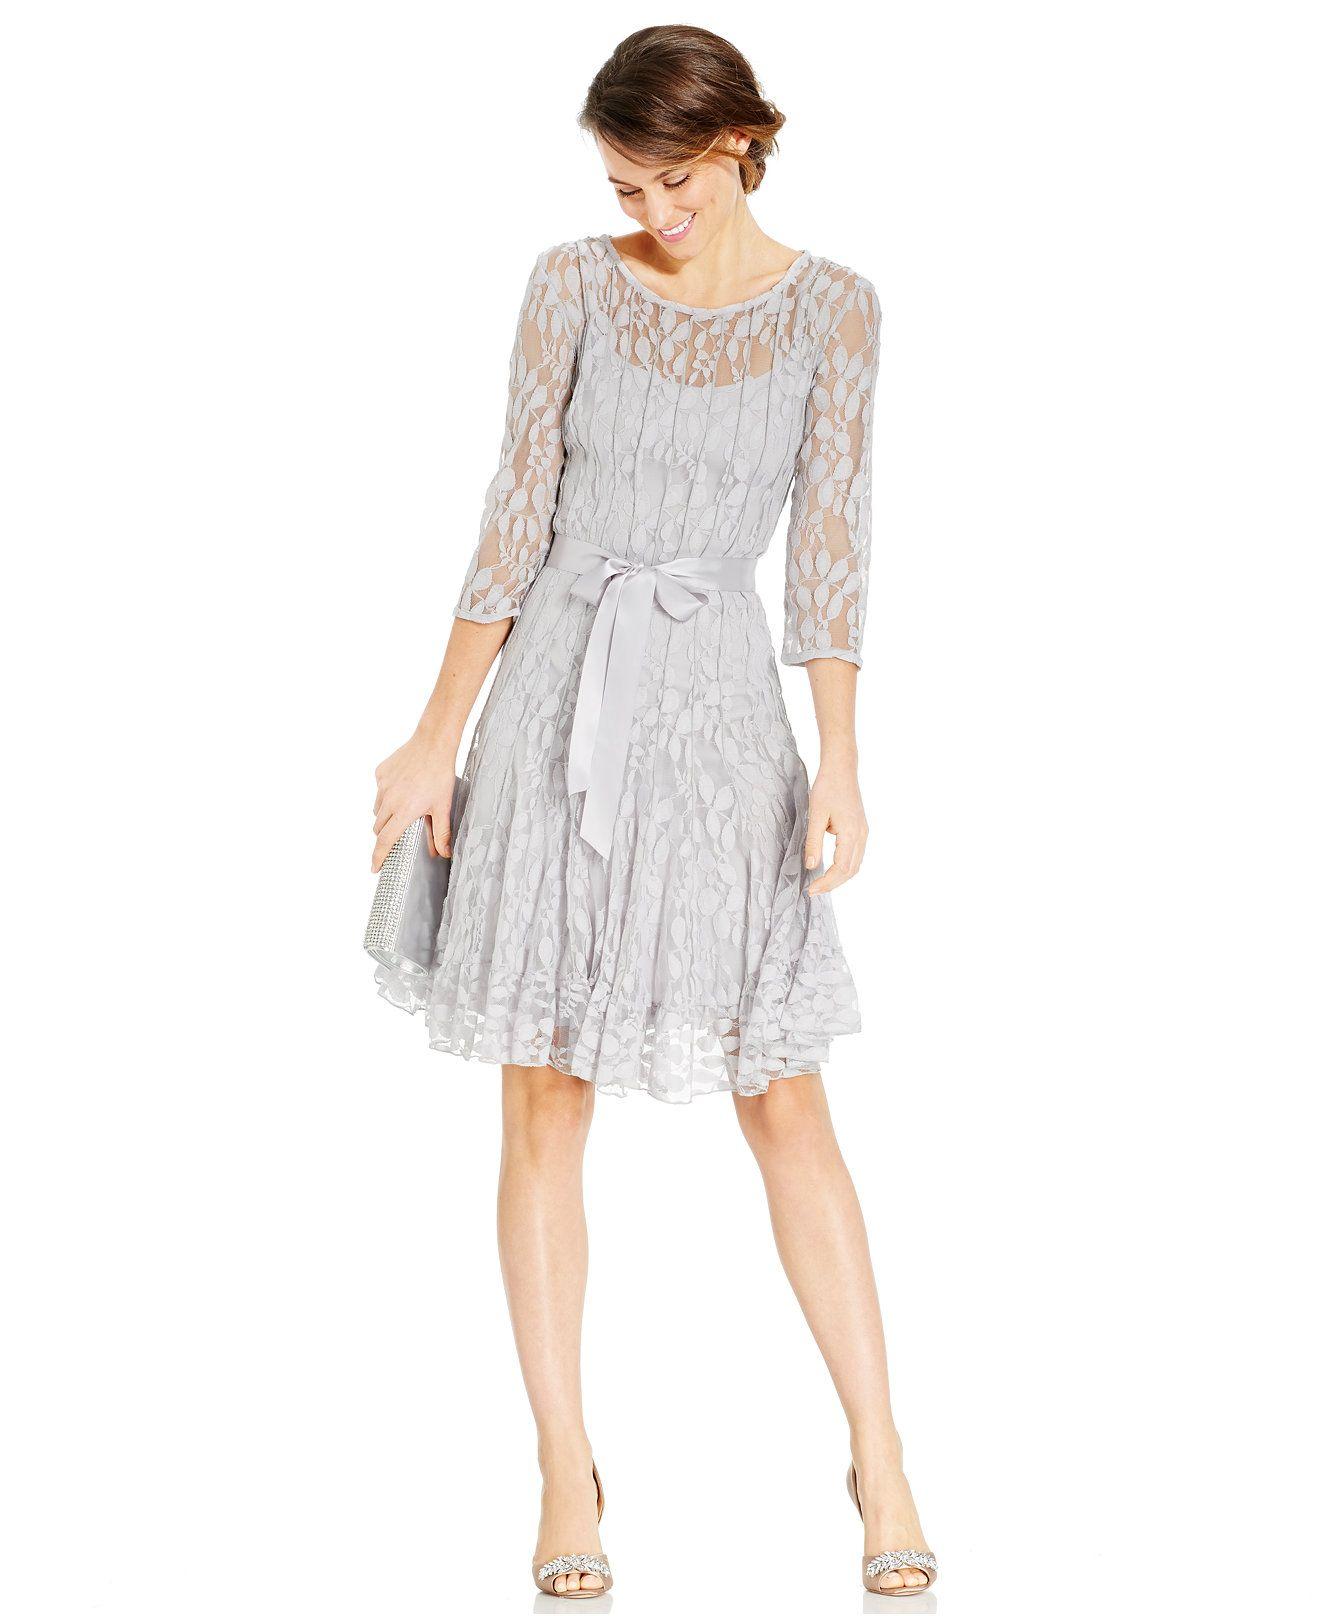 Msk illusion floral lace dress dresses women macyus